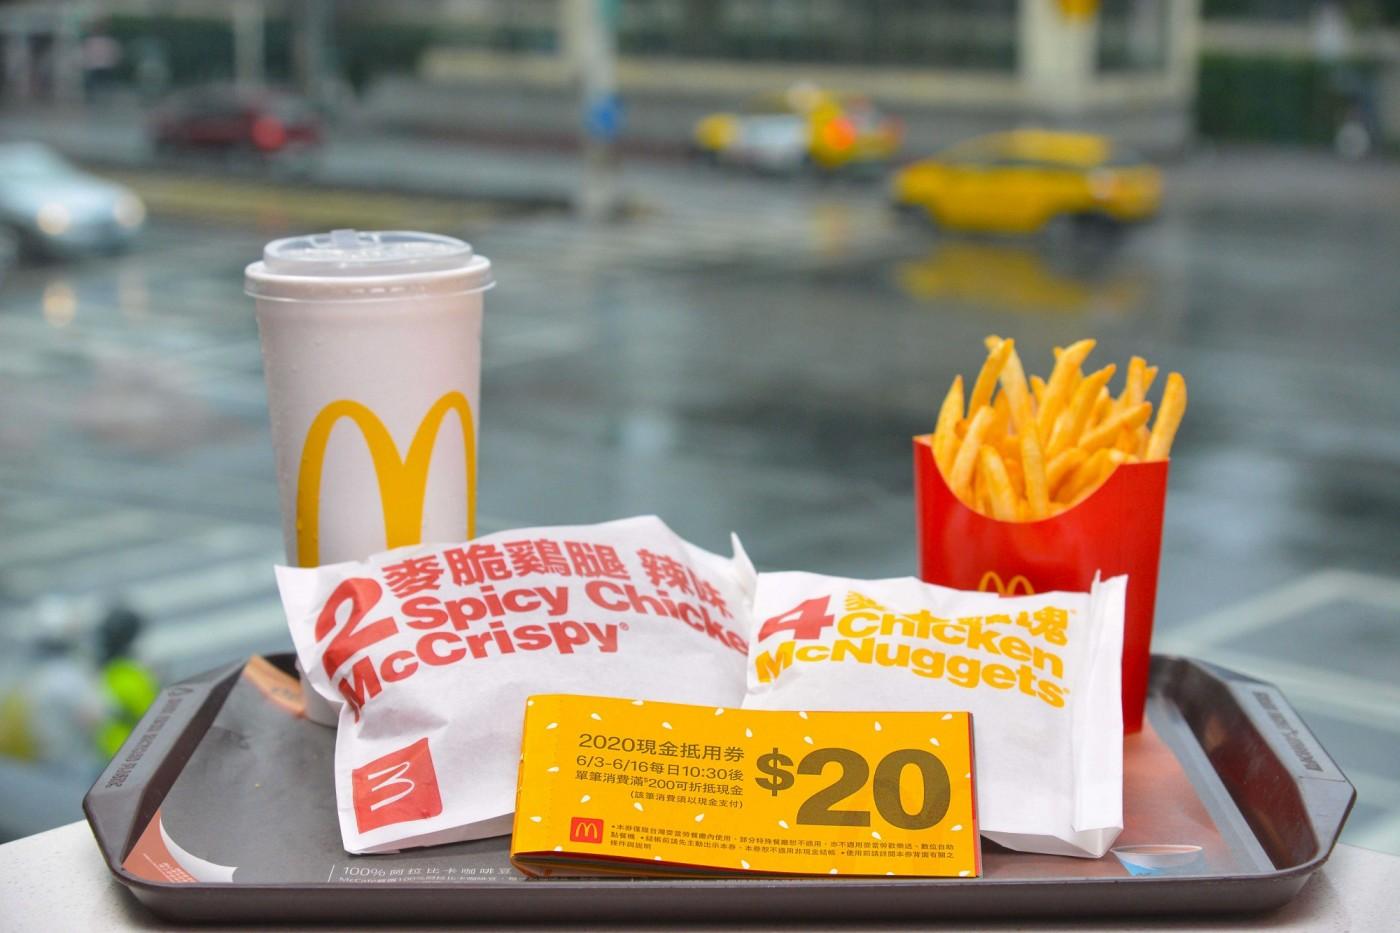 總價5,300元!麥當勞跨界豪發現金抵用券,要打一場內用行銷戰